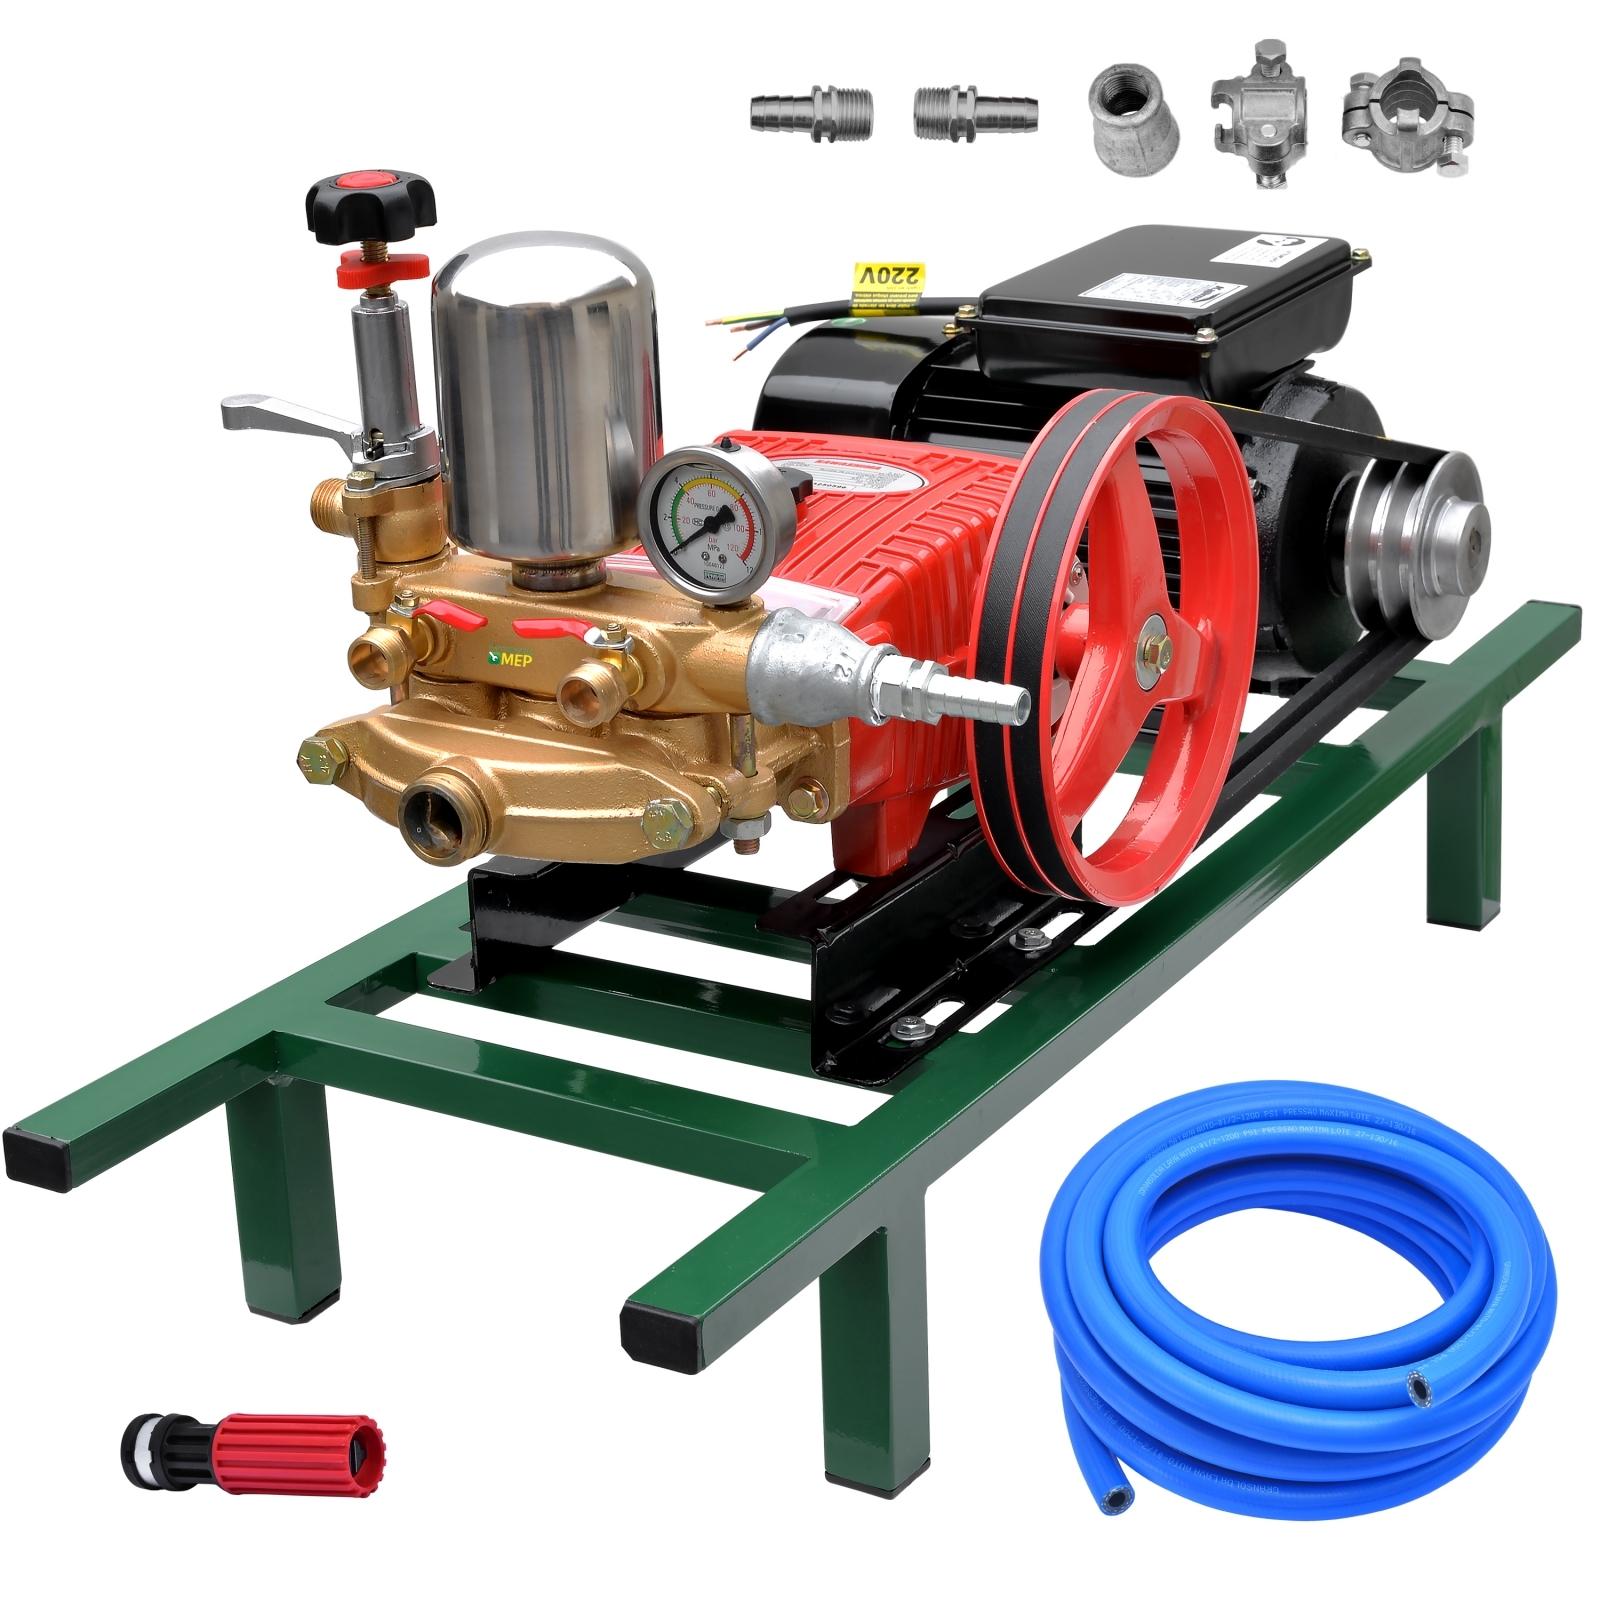 Bomba De Alta Pressão E Pulverização Tekna BPF45 + Motor marca Kajima 2cv 4p Lavacar Completa - Ferramentas MEP